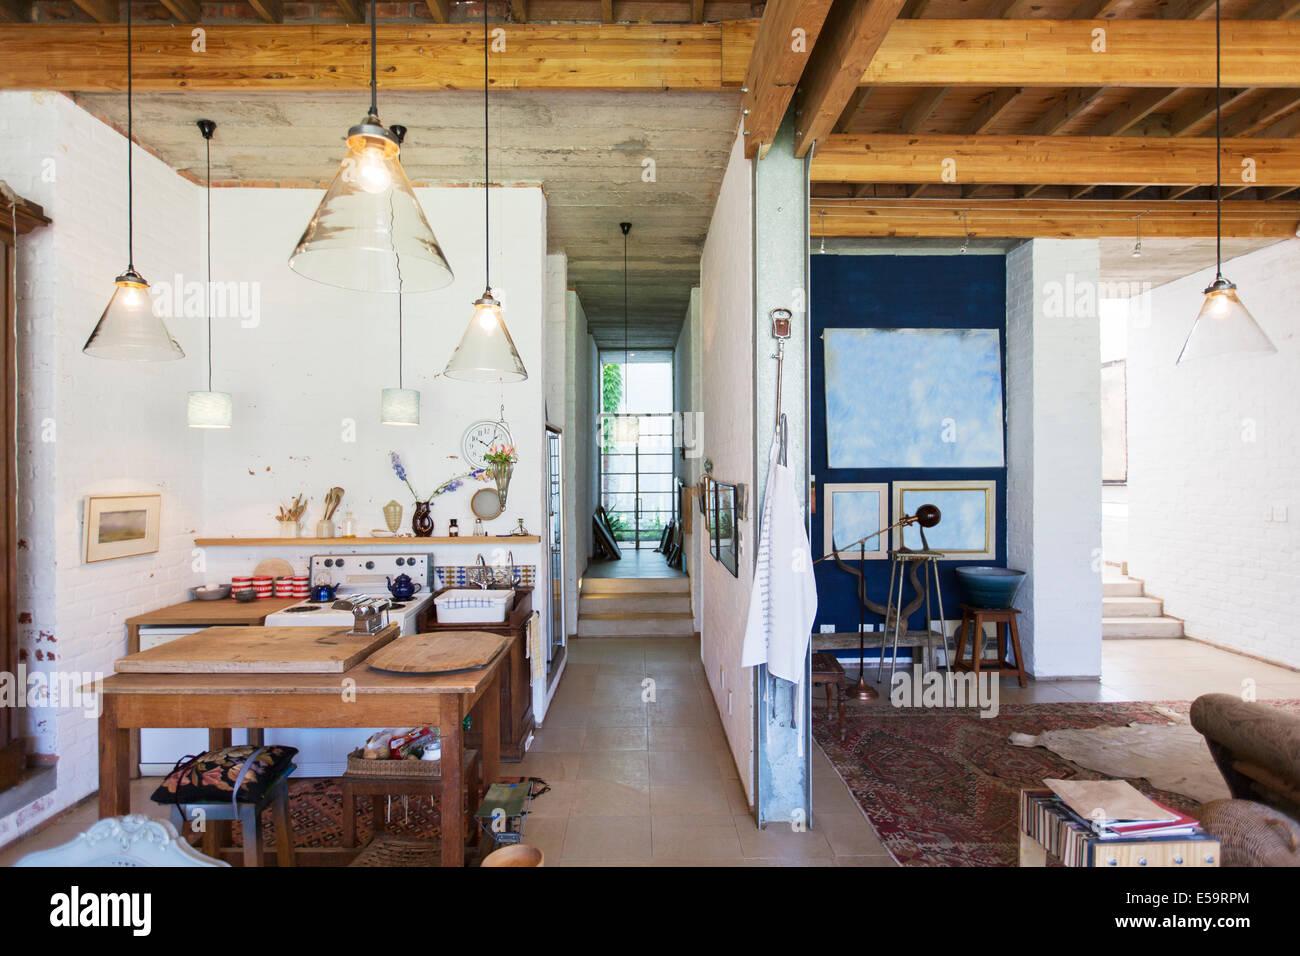 Cuisine et salon de maison rustique Photo Stock